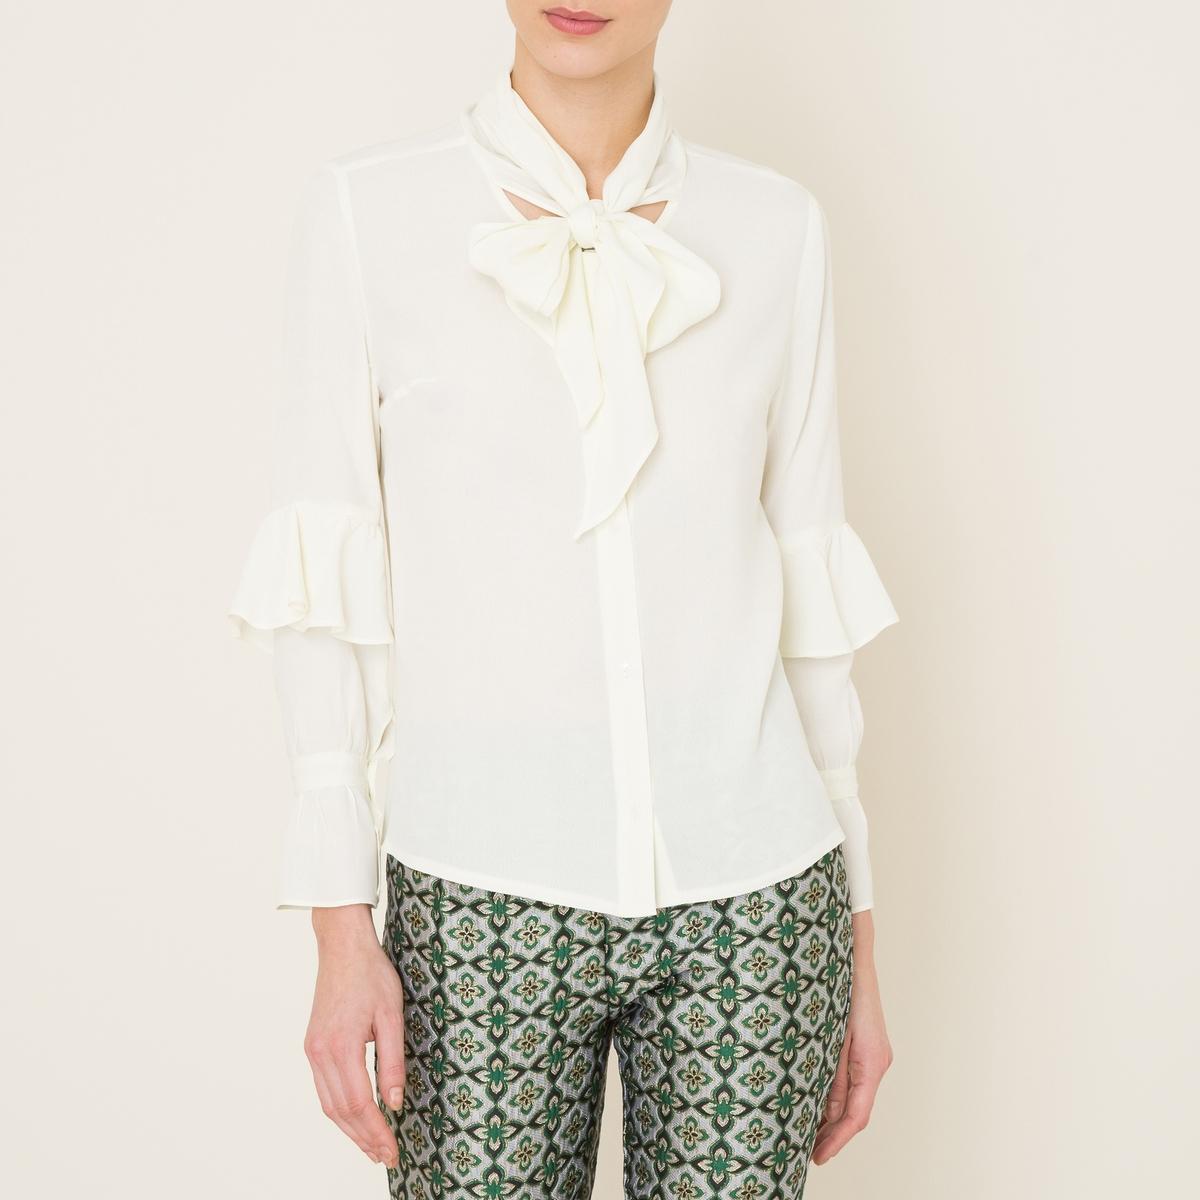 Рубашка с воланамиРубашка SISTER JANE - с большими завязками и воланами . Круглый вырез. Застежка на пуговицы спереди по всей длине. Широкие завязки . Большие воланы на длинных рукавах . Манжеты с застежкой на пуговицы. Прямой низ. Состав и описание    Материал : 100% полиэстер   Марка : SISTER JANE<br><br>Цвет: белый<br>Размер: L